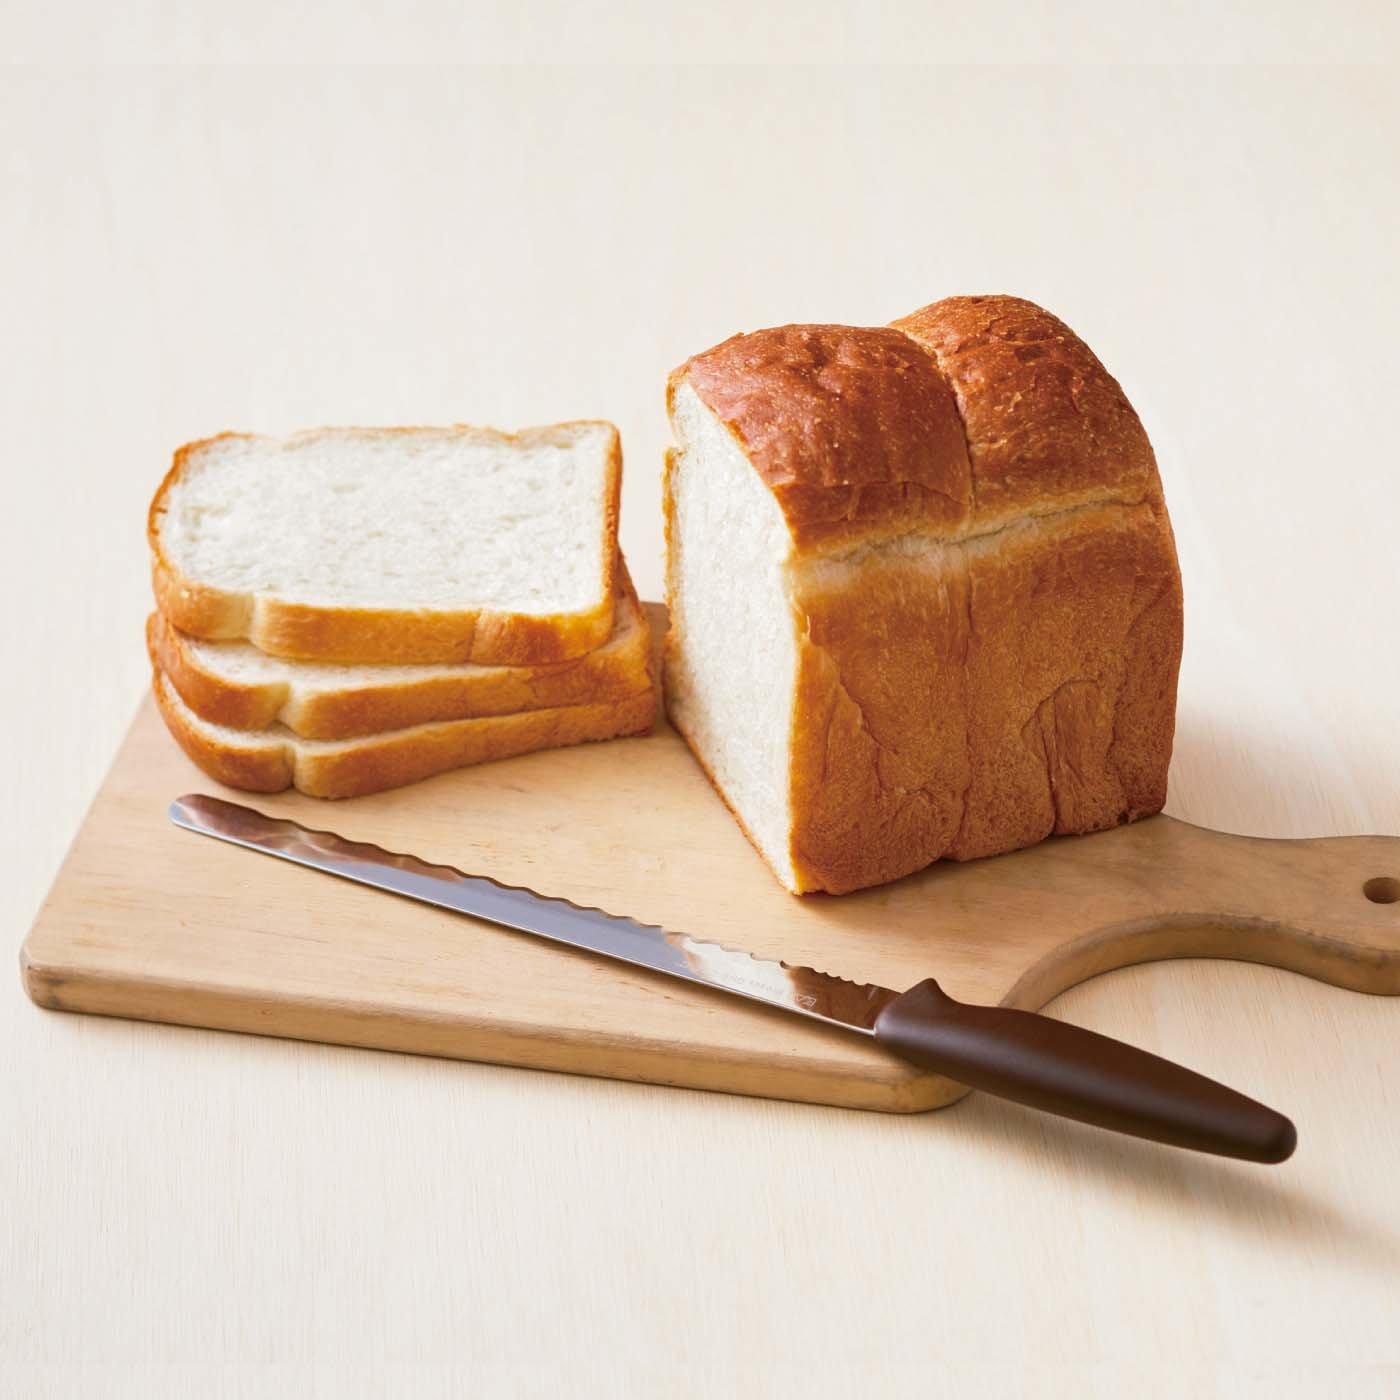 やわらかパンも美しくカット 4種刃パン切りナイフ